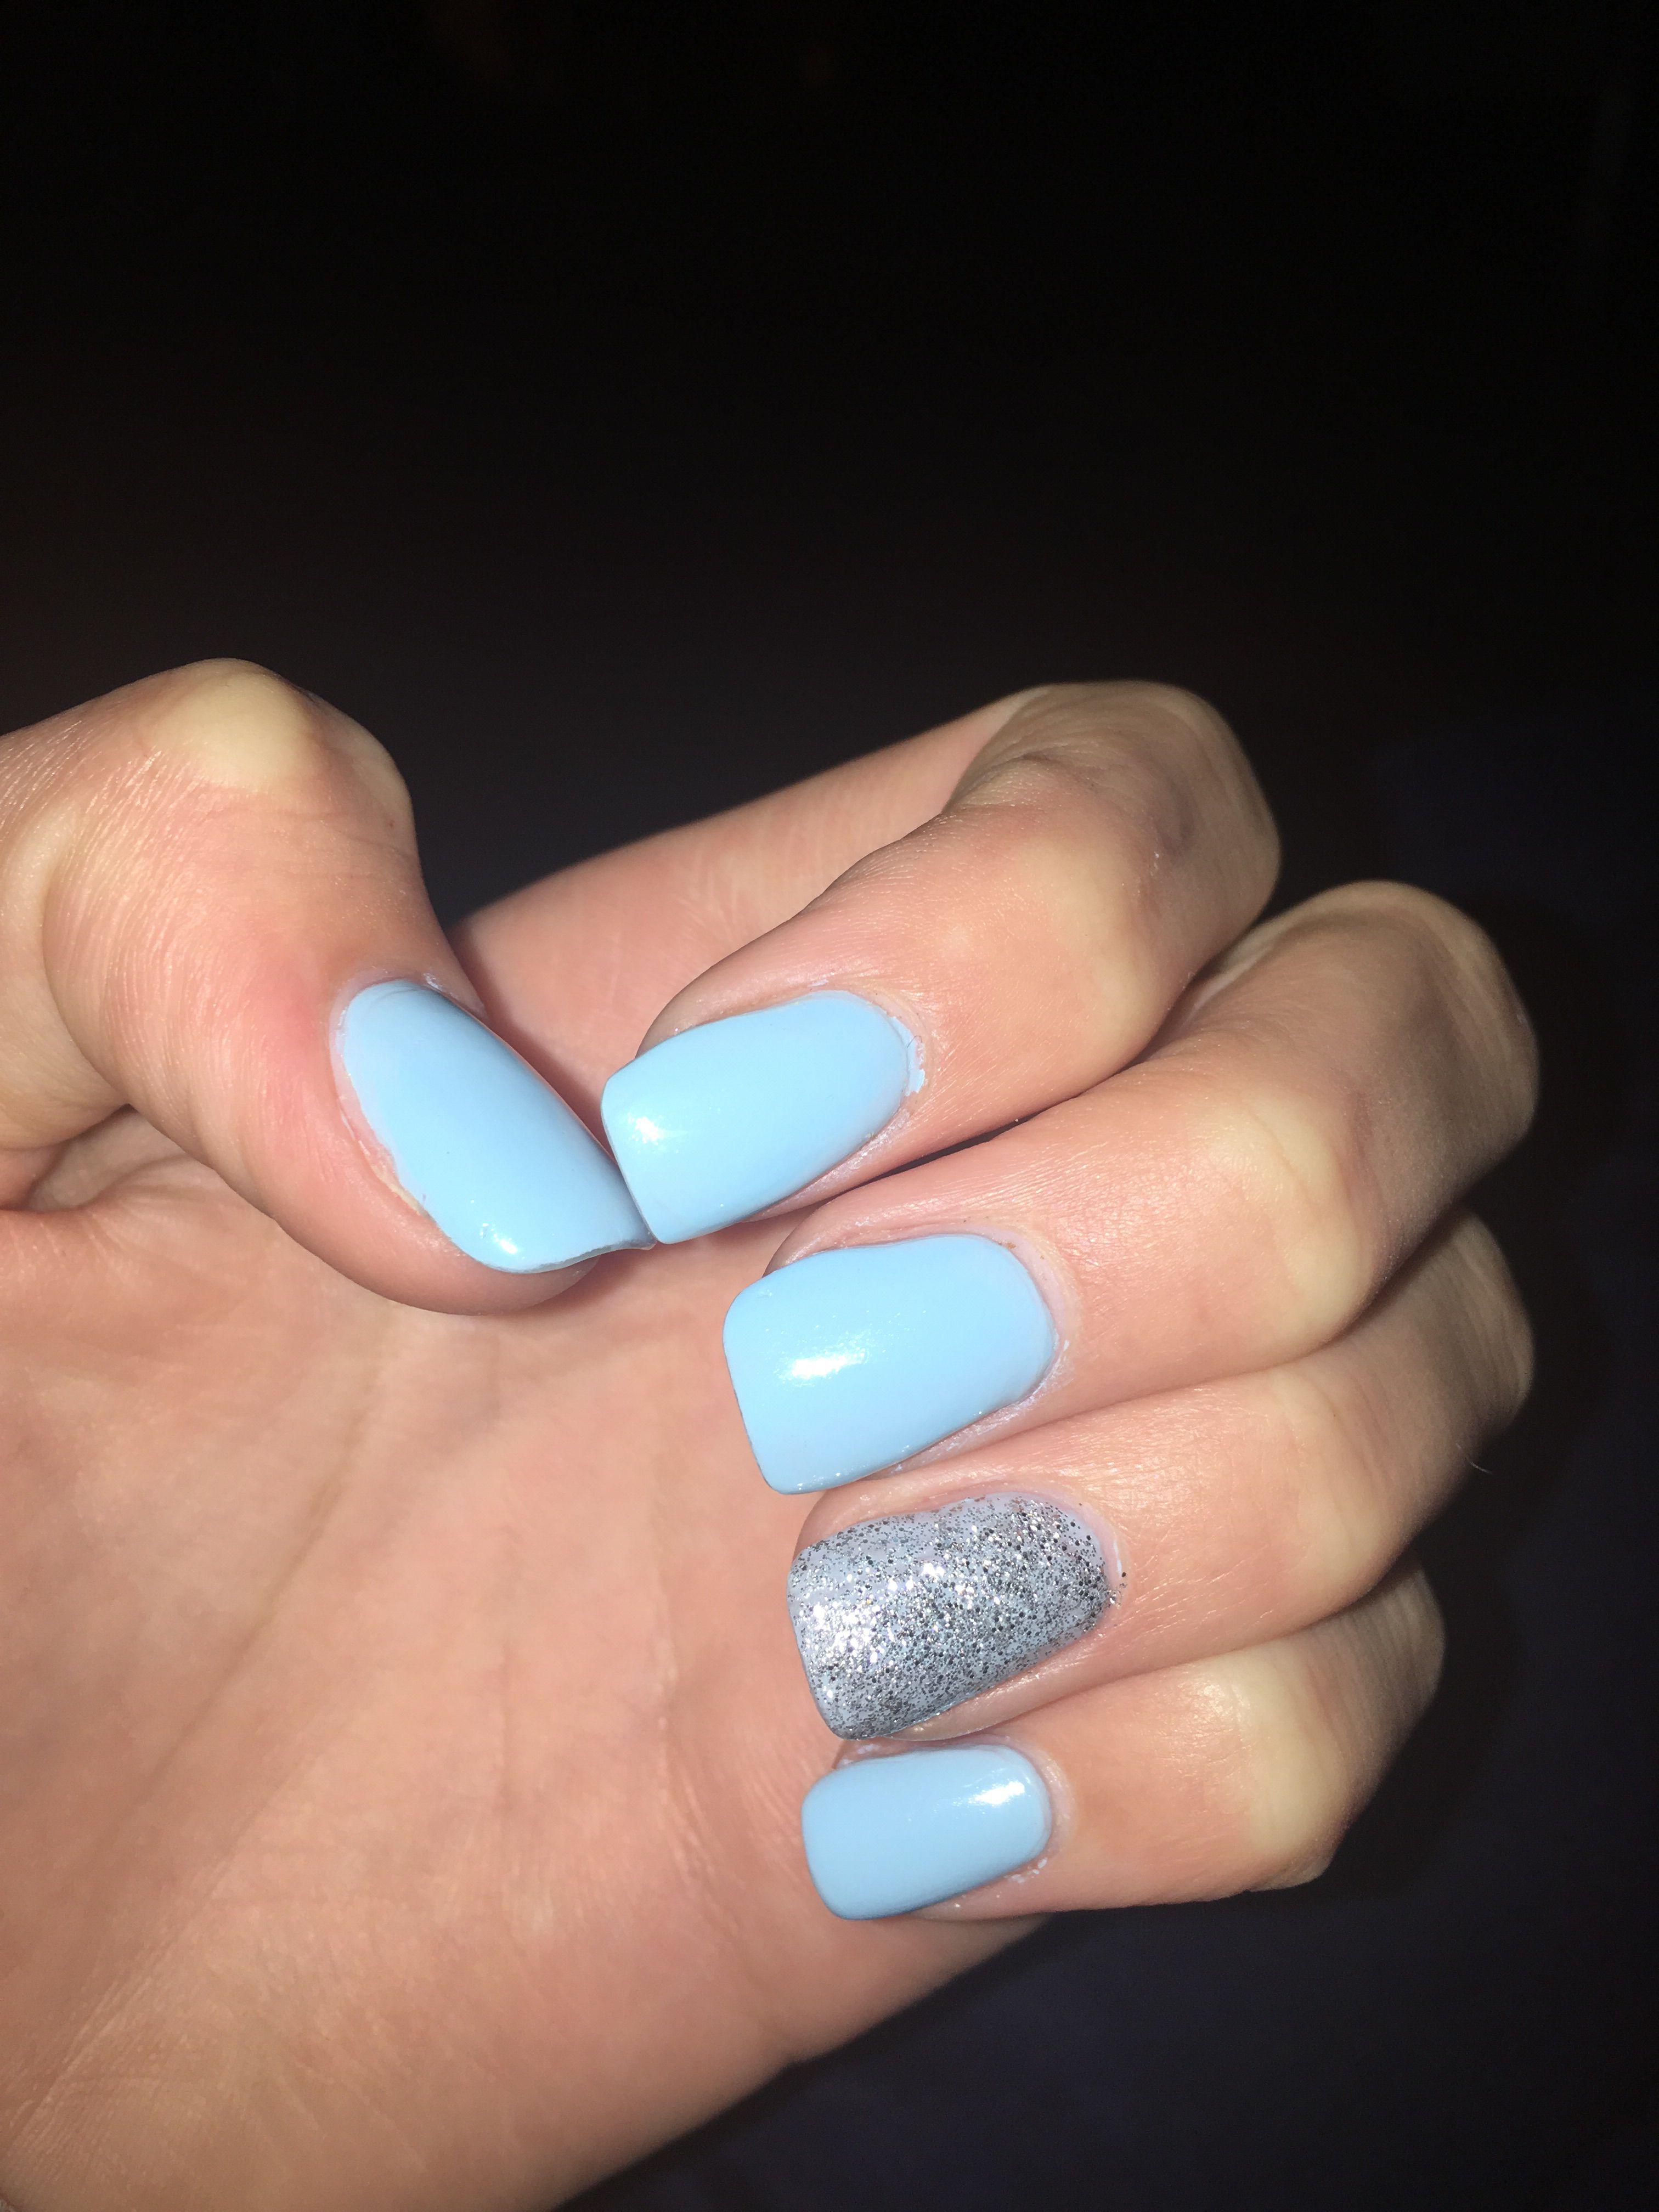 christmasnails #elsanails #frozen #acrylicnails | •nails ...